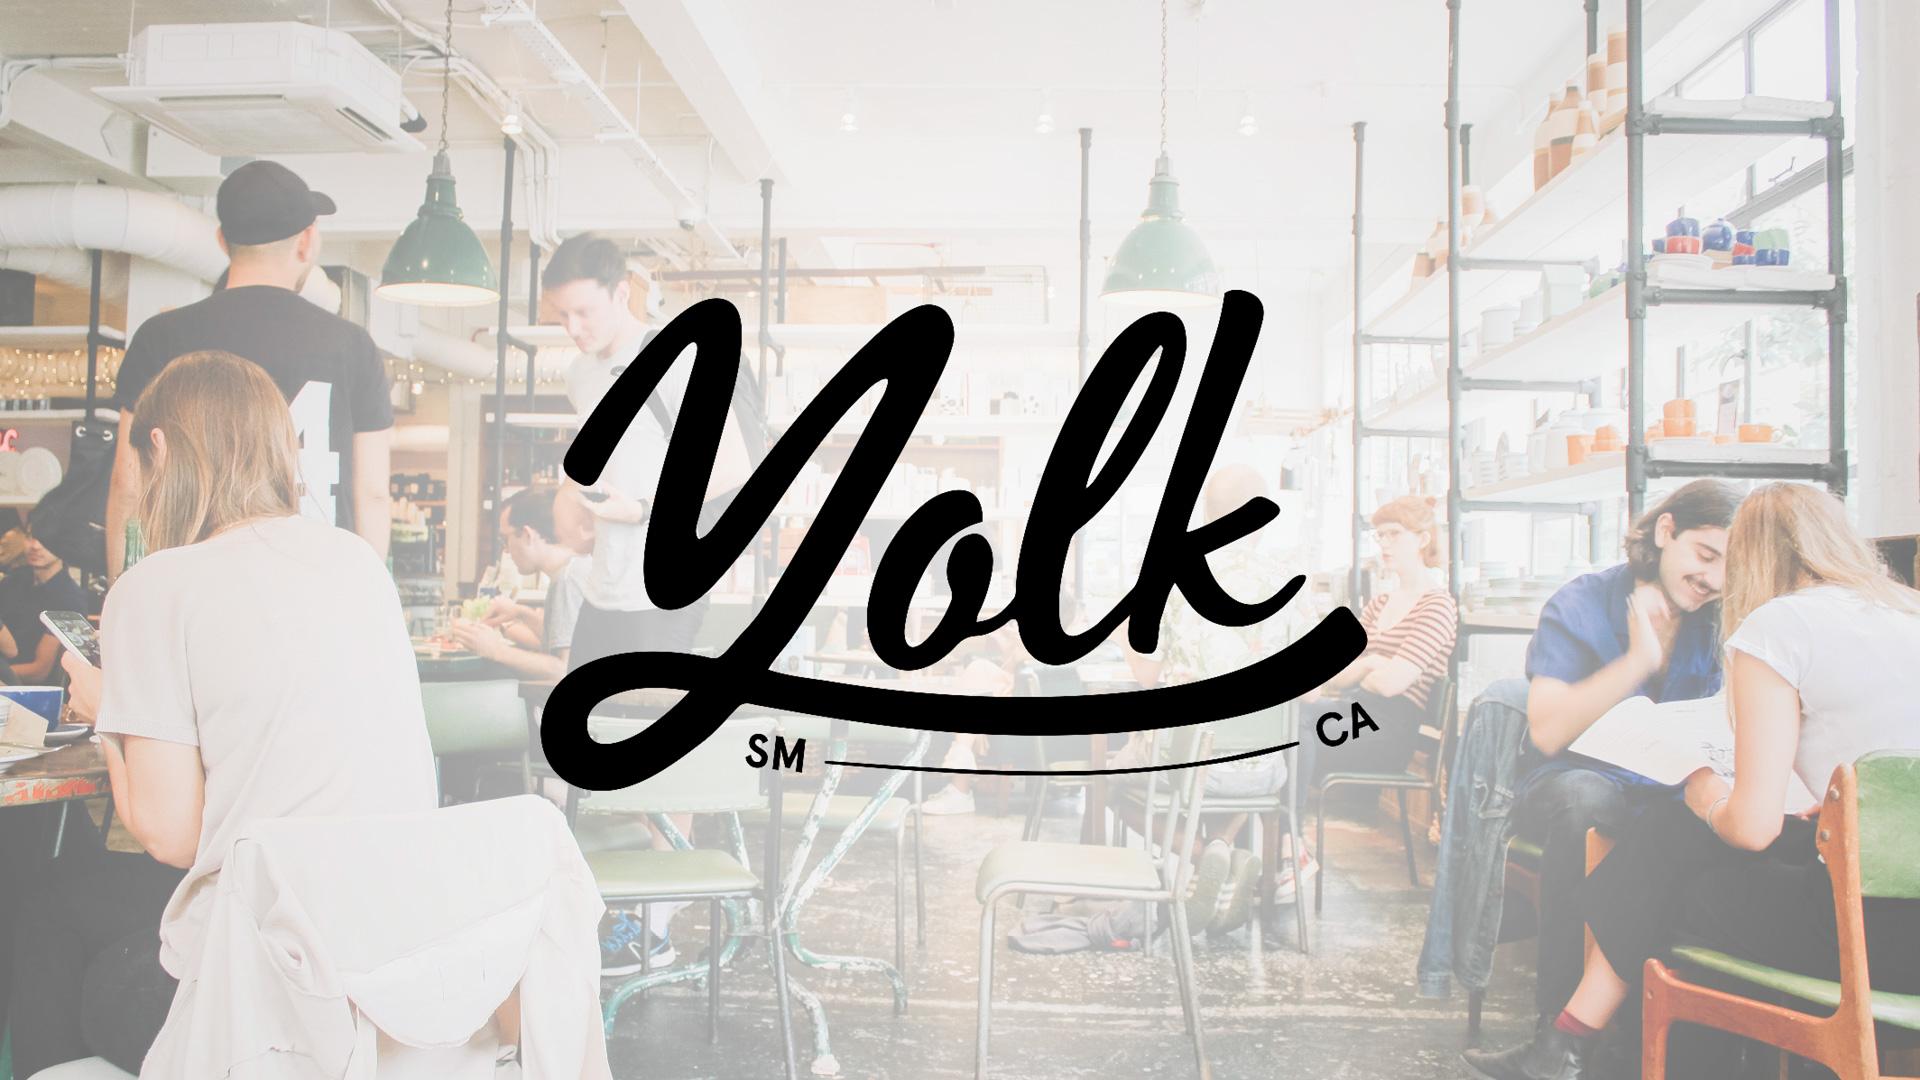 YOLK_Behance_01.jpg